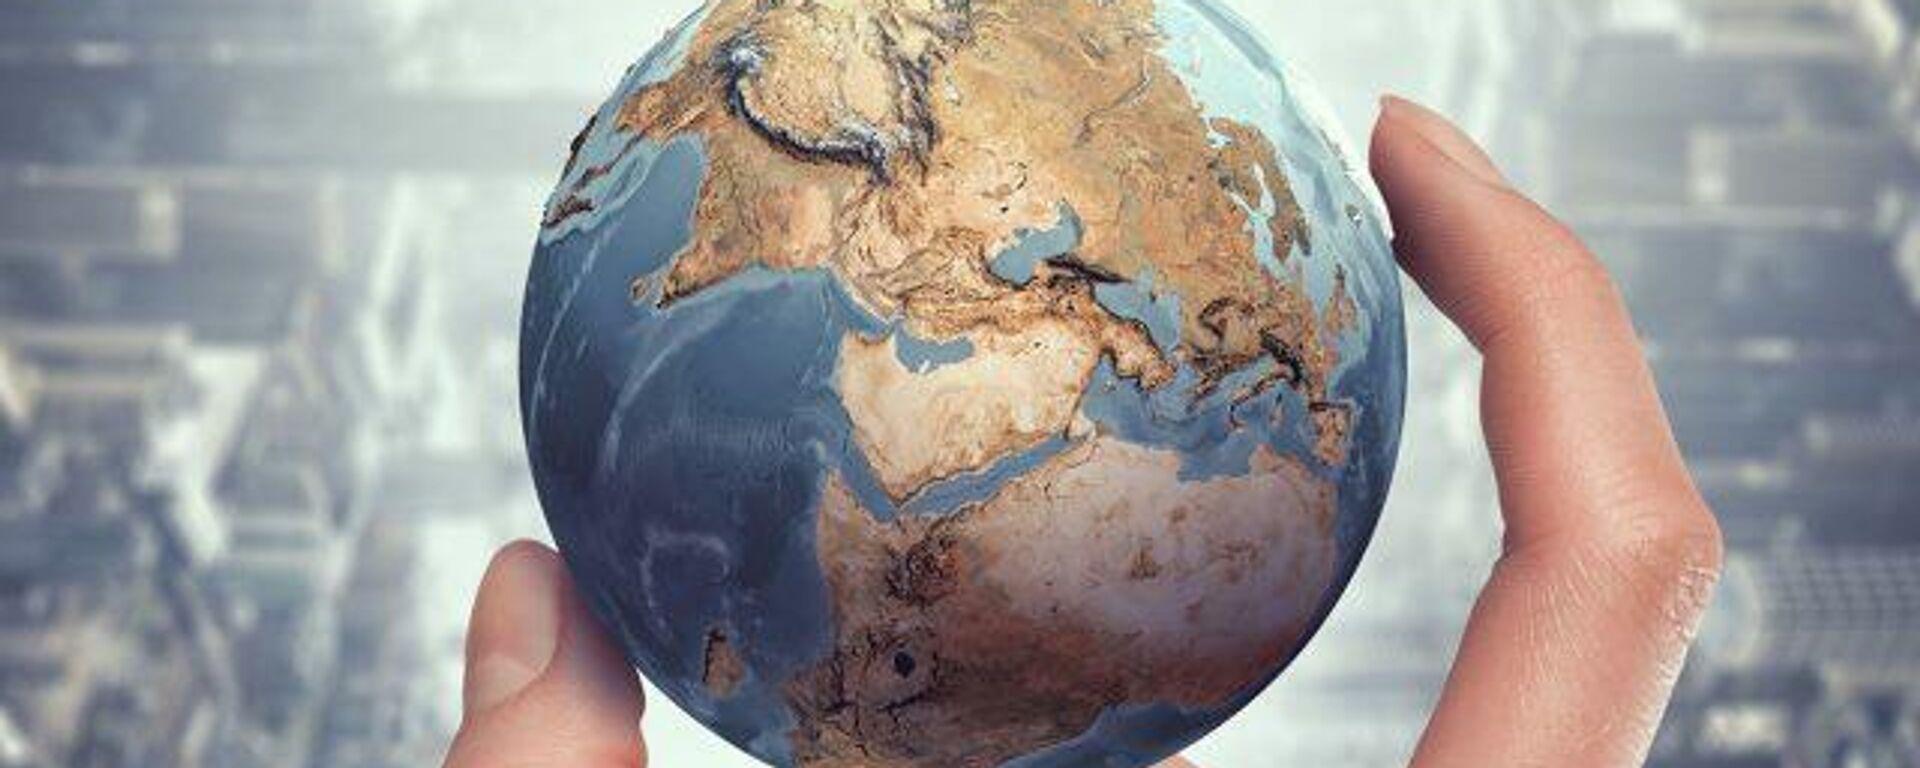 Ecuador: los Pandora Papers salpican al presidente Lasso - Sputnik Mundo, 1920, 04.10.2021